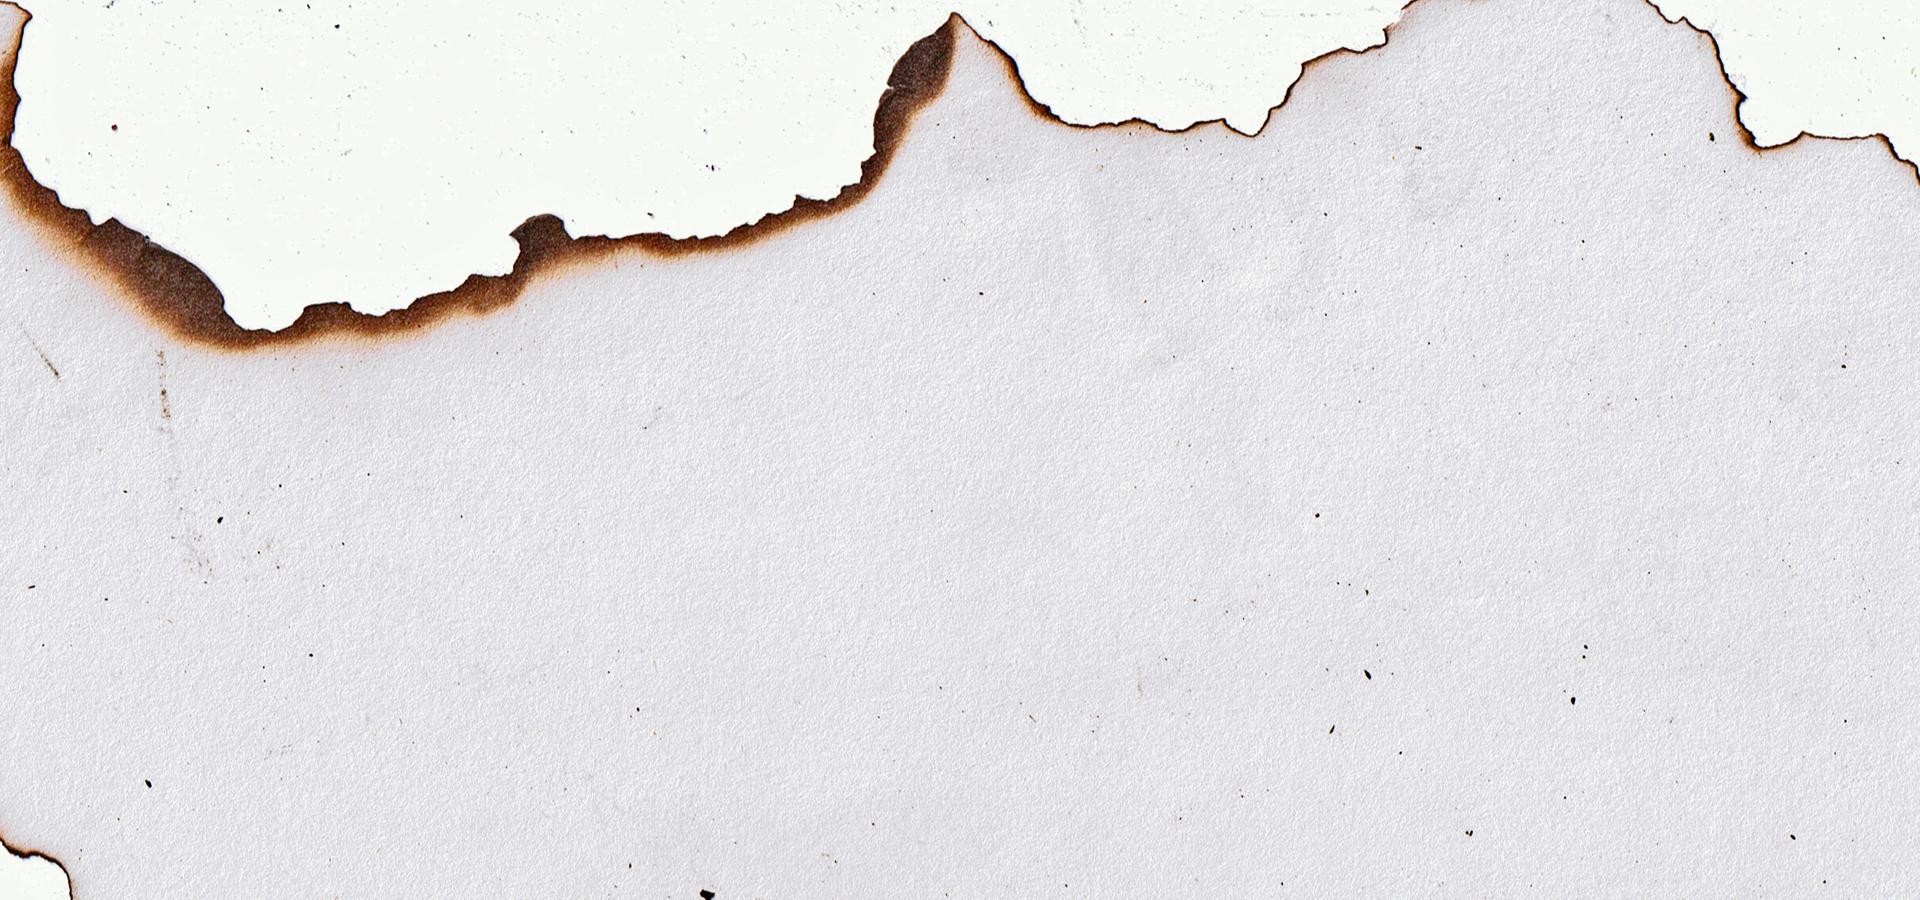 Carta bruciata sullo sfondo bruciato la bianco